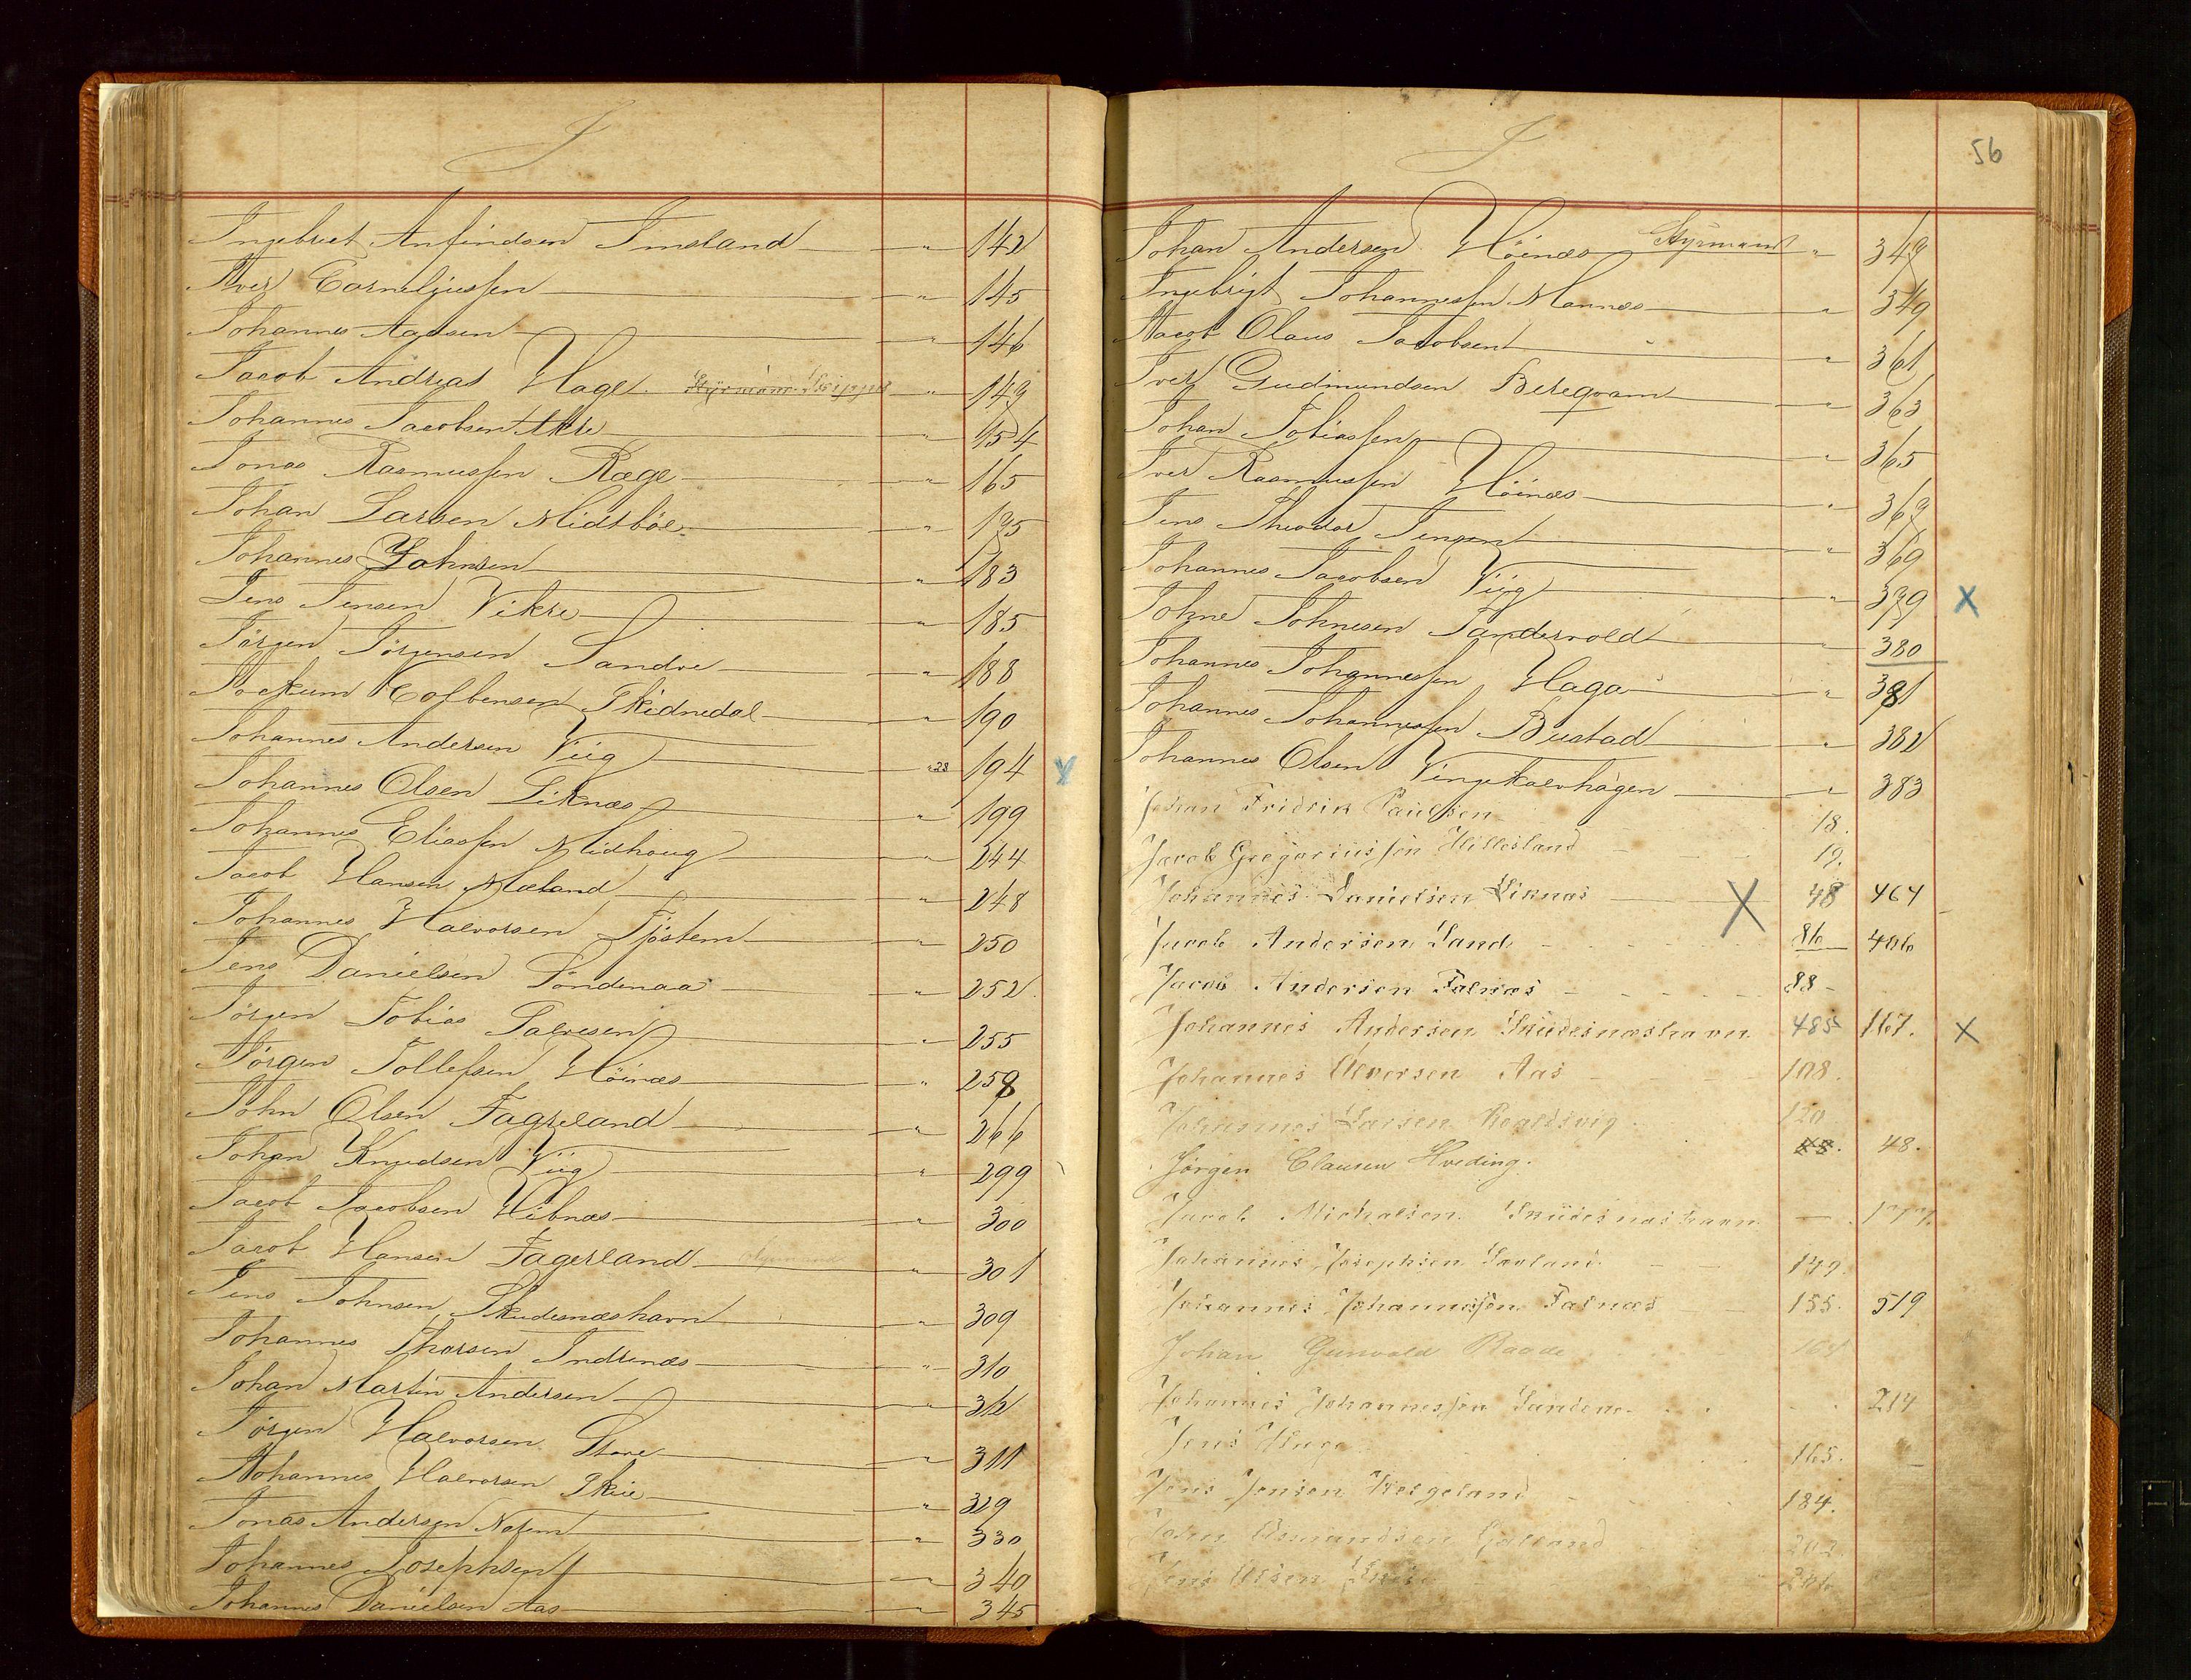 SAST, Haugesund sjømannskontor, F/Fb/Fba/L0003: Navneregister med henvisning til rullenummer (fornavn) Haugesund krets, 1860-1948, s. 56